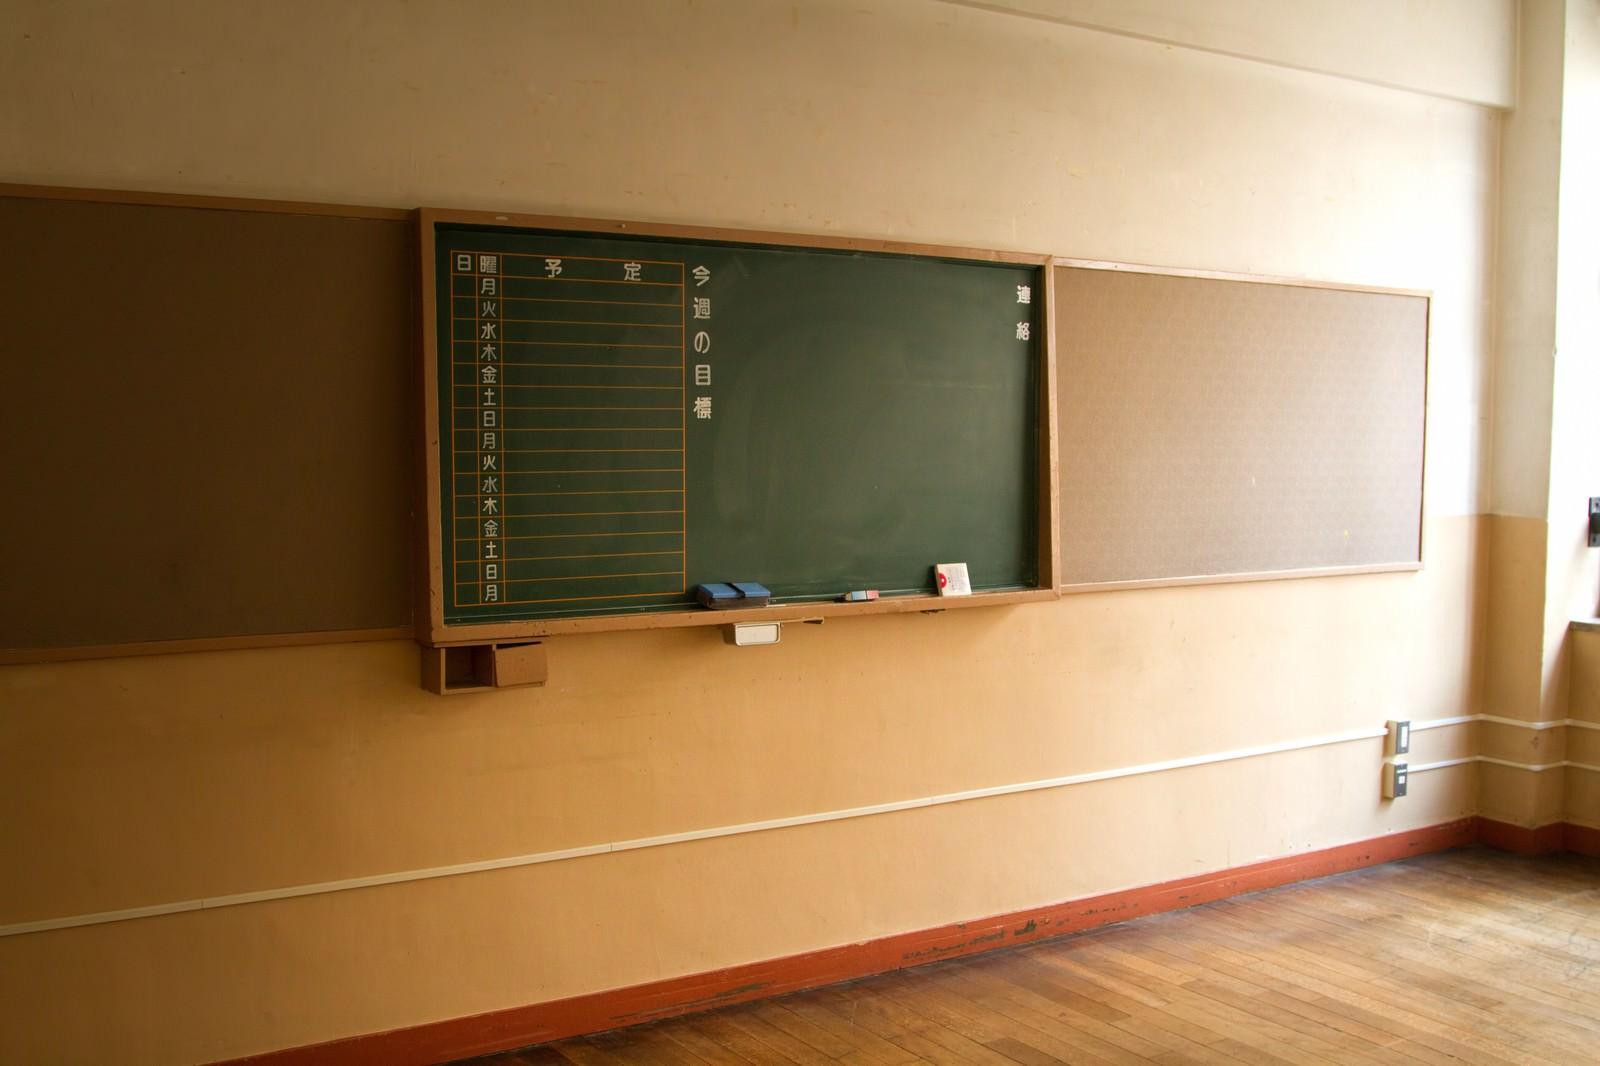 「放課後の黒板」の写真